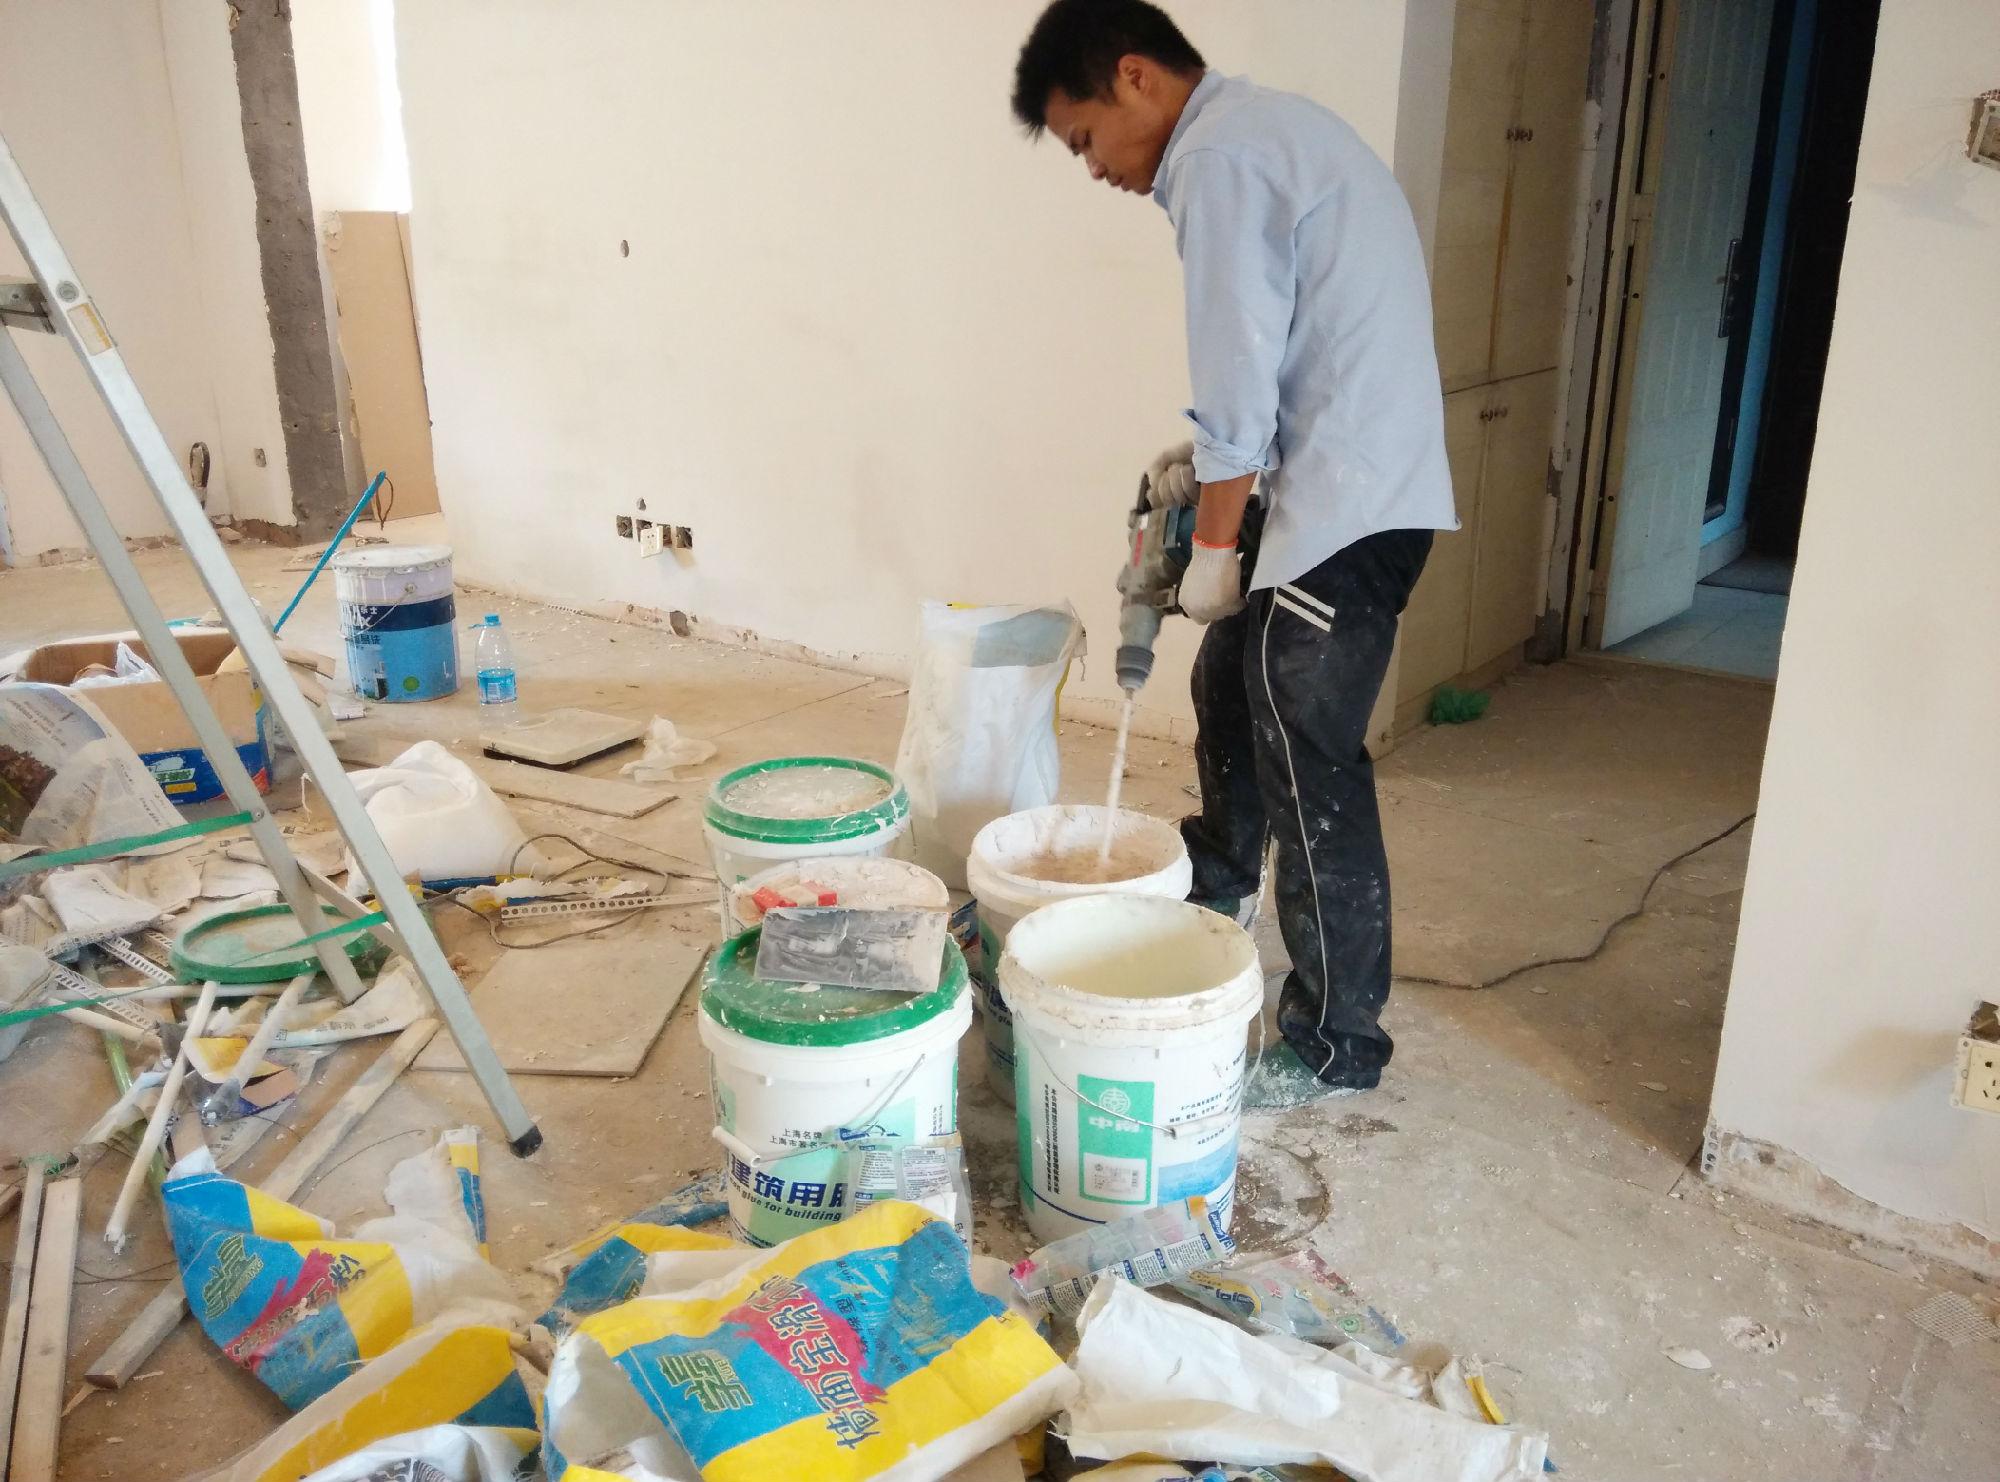 刮腻子标准施工工艺及质量检测-监理日记-上海装潢网